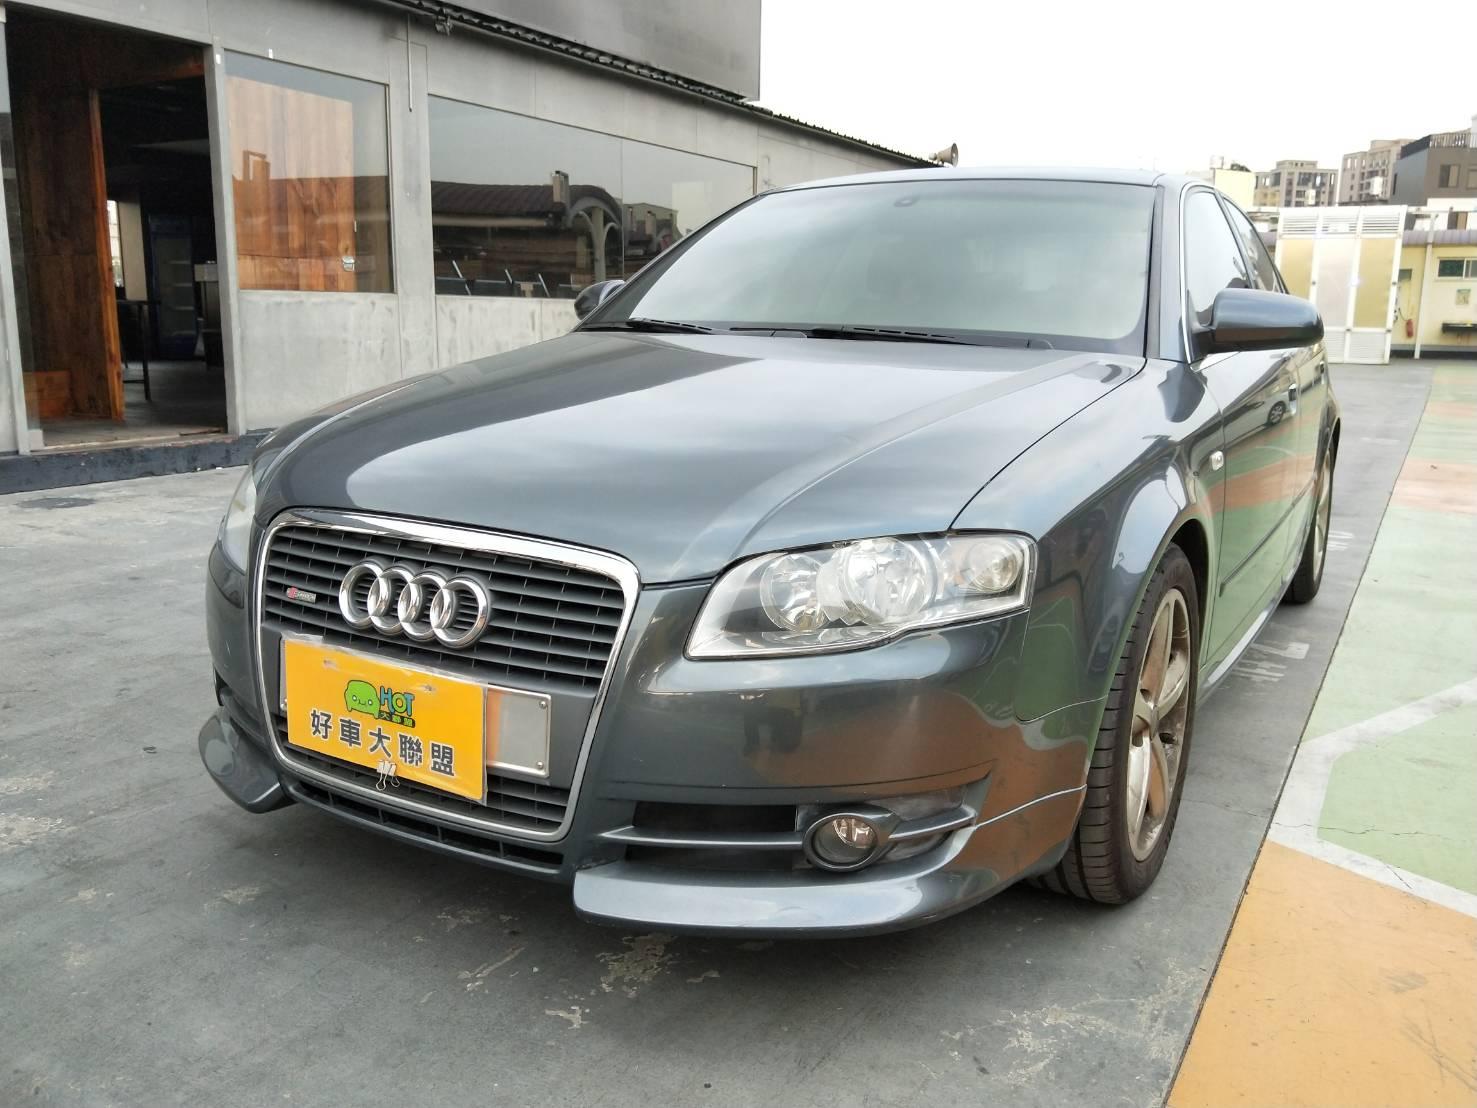 2007 Audi A4 sedan